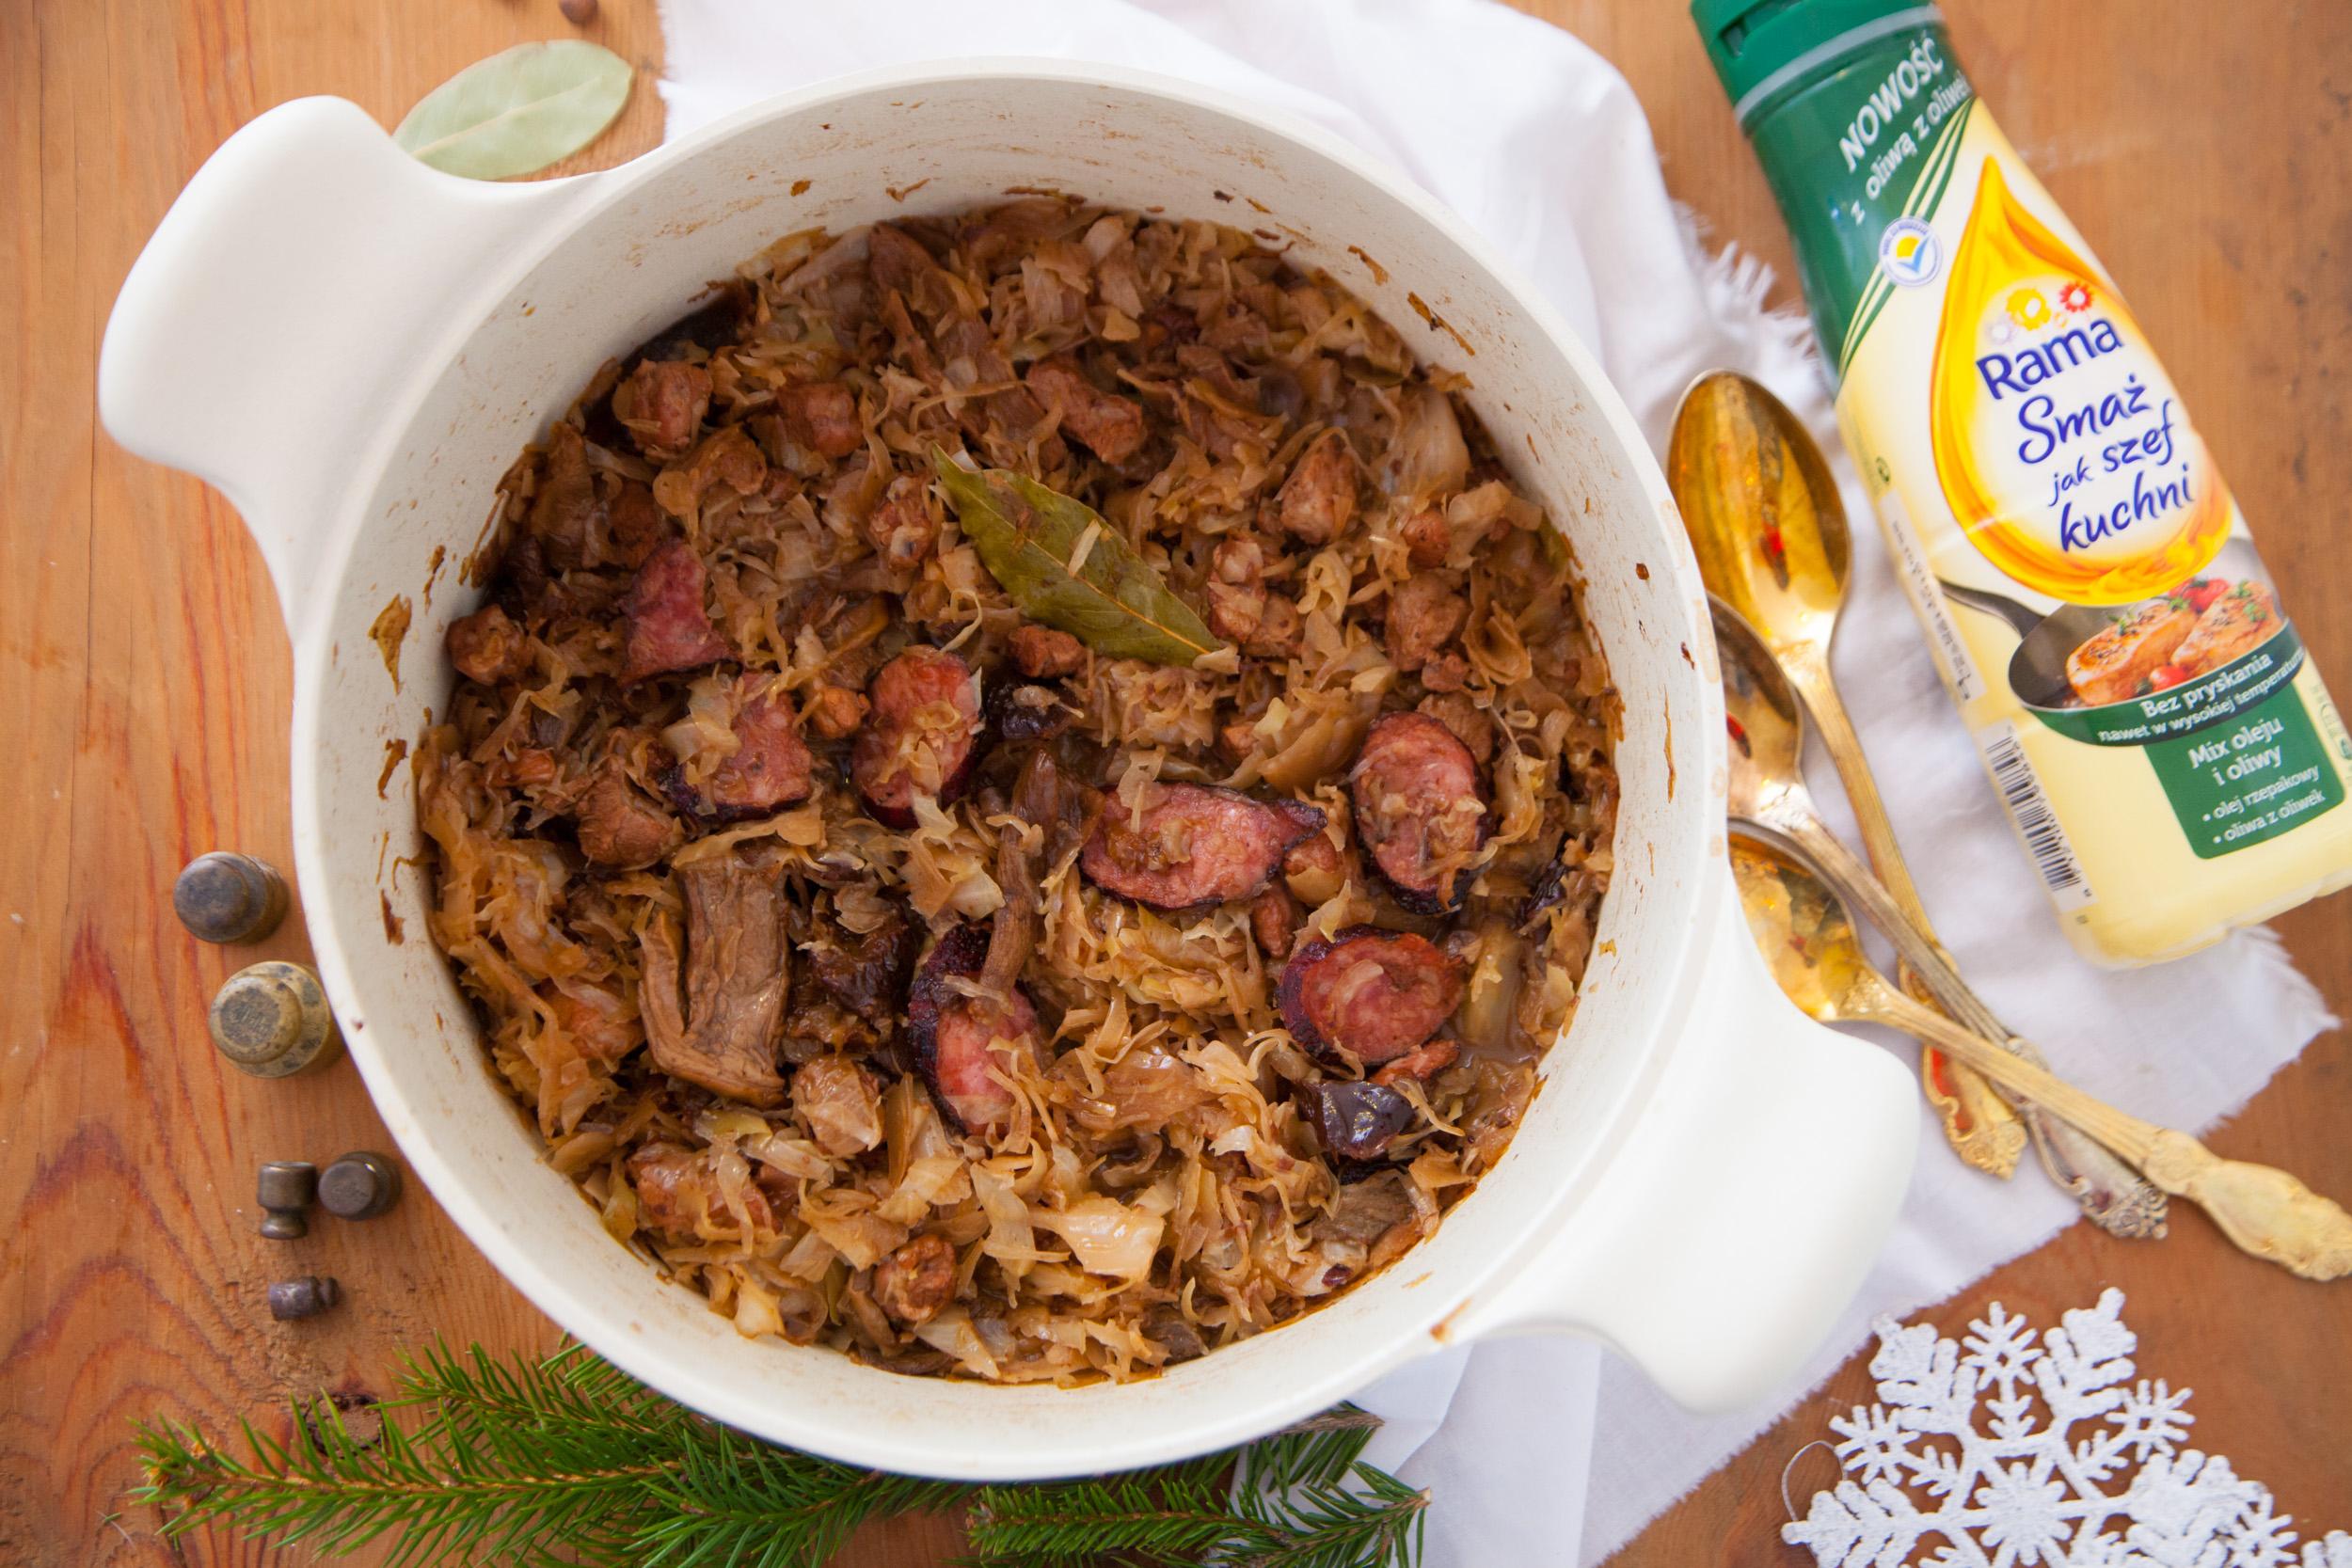 Bigos najlepszy krok po kroku Podejmuj wyzwanie z Ramą Smaż jak szef kuchni!   -> Urządzanie Kuchni Krok Po Kroku